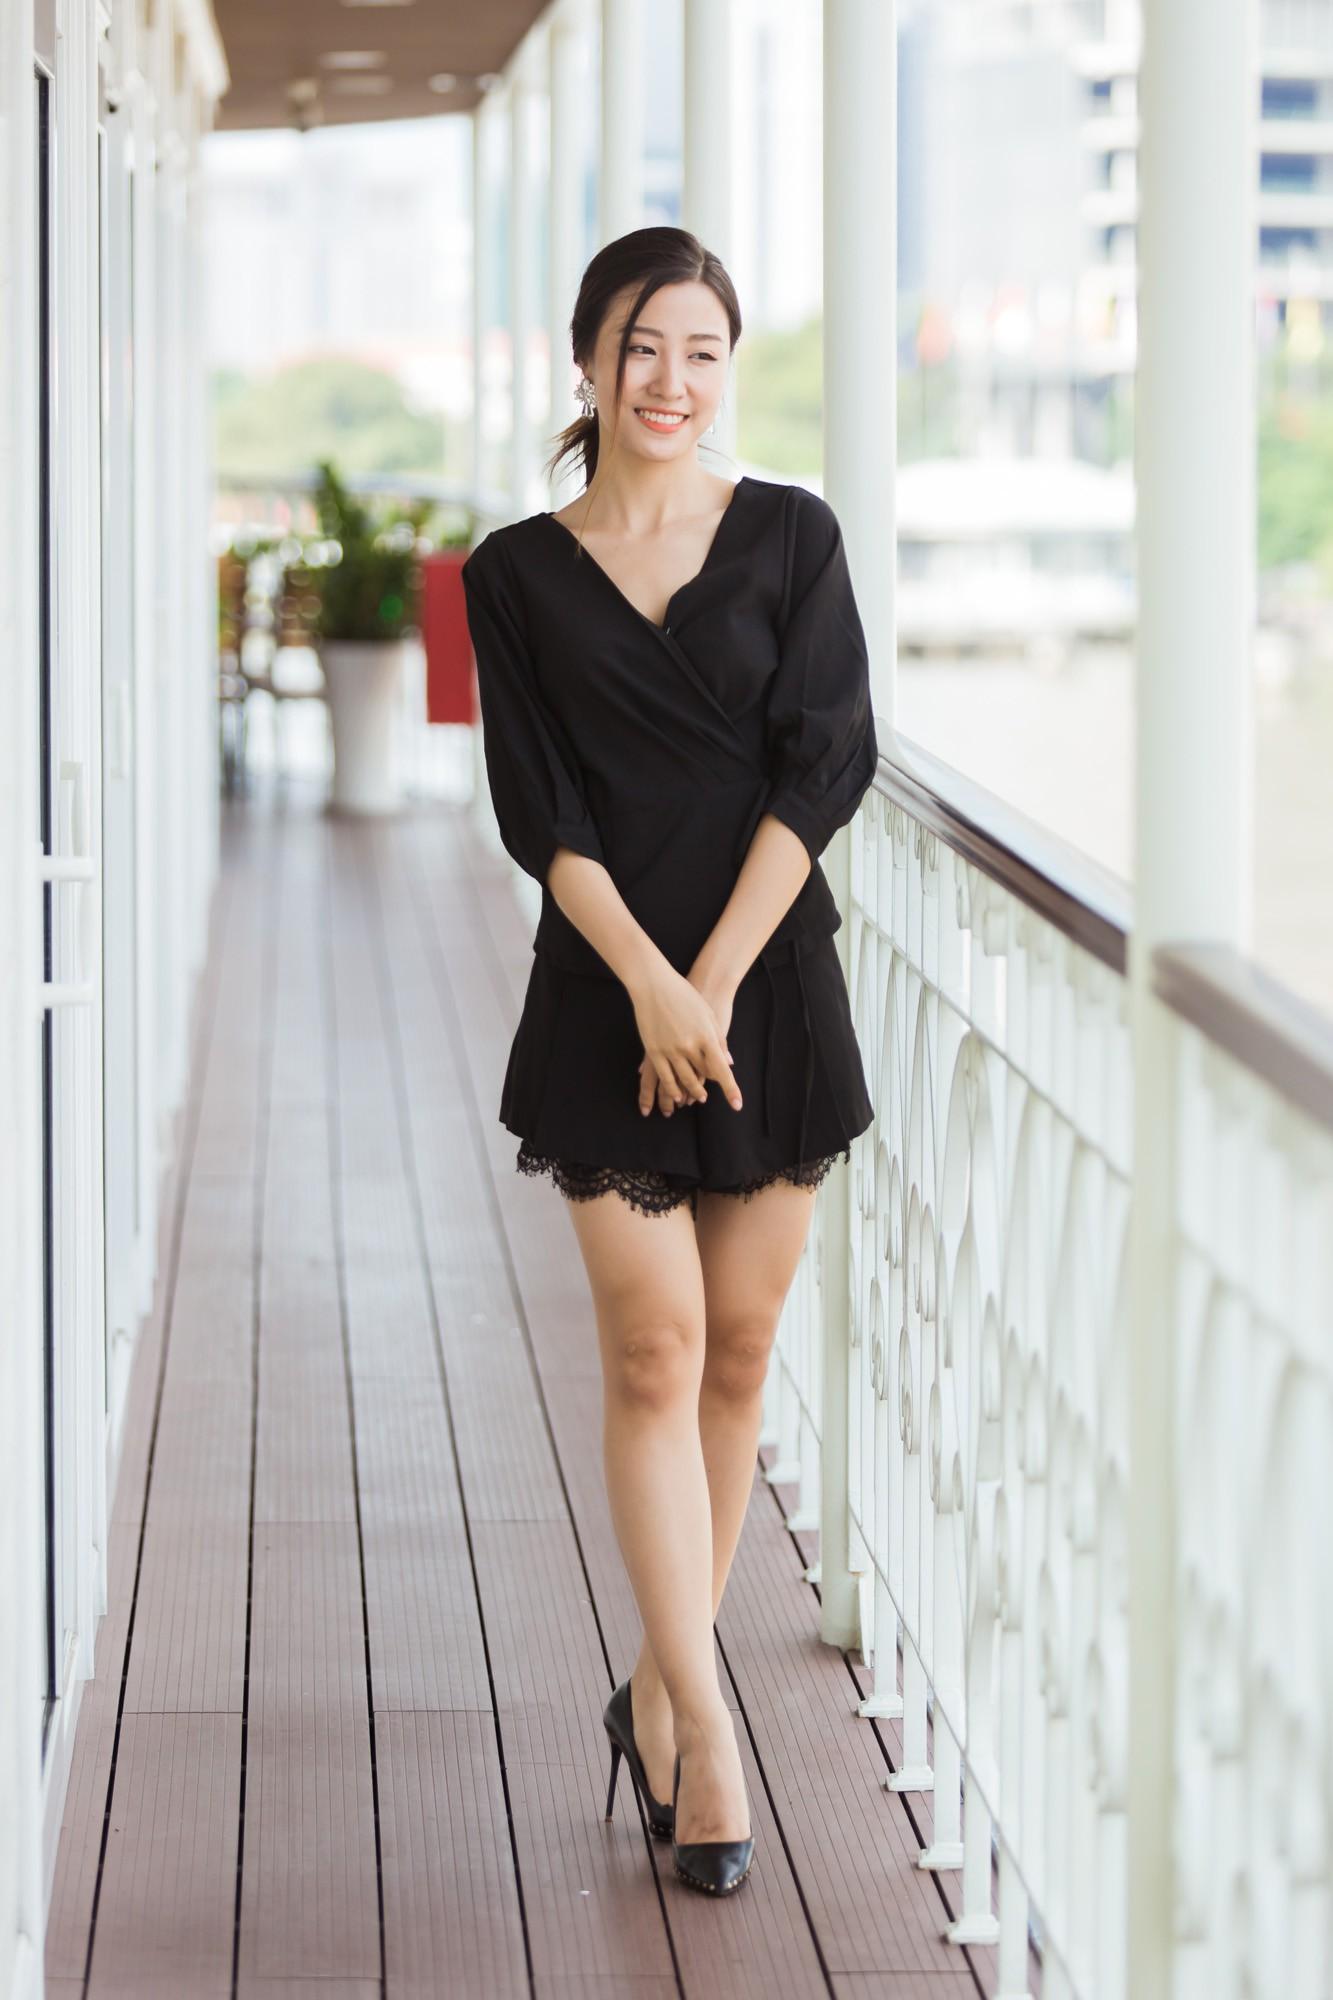 Từ cô Hoa hậu bị hoài nghi, Tiểu Vy hôm nay đứng trước Top thí sinh Miss World đầy bản lĩnh và thần thái - Ảnh 17.